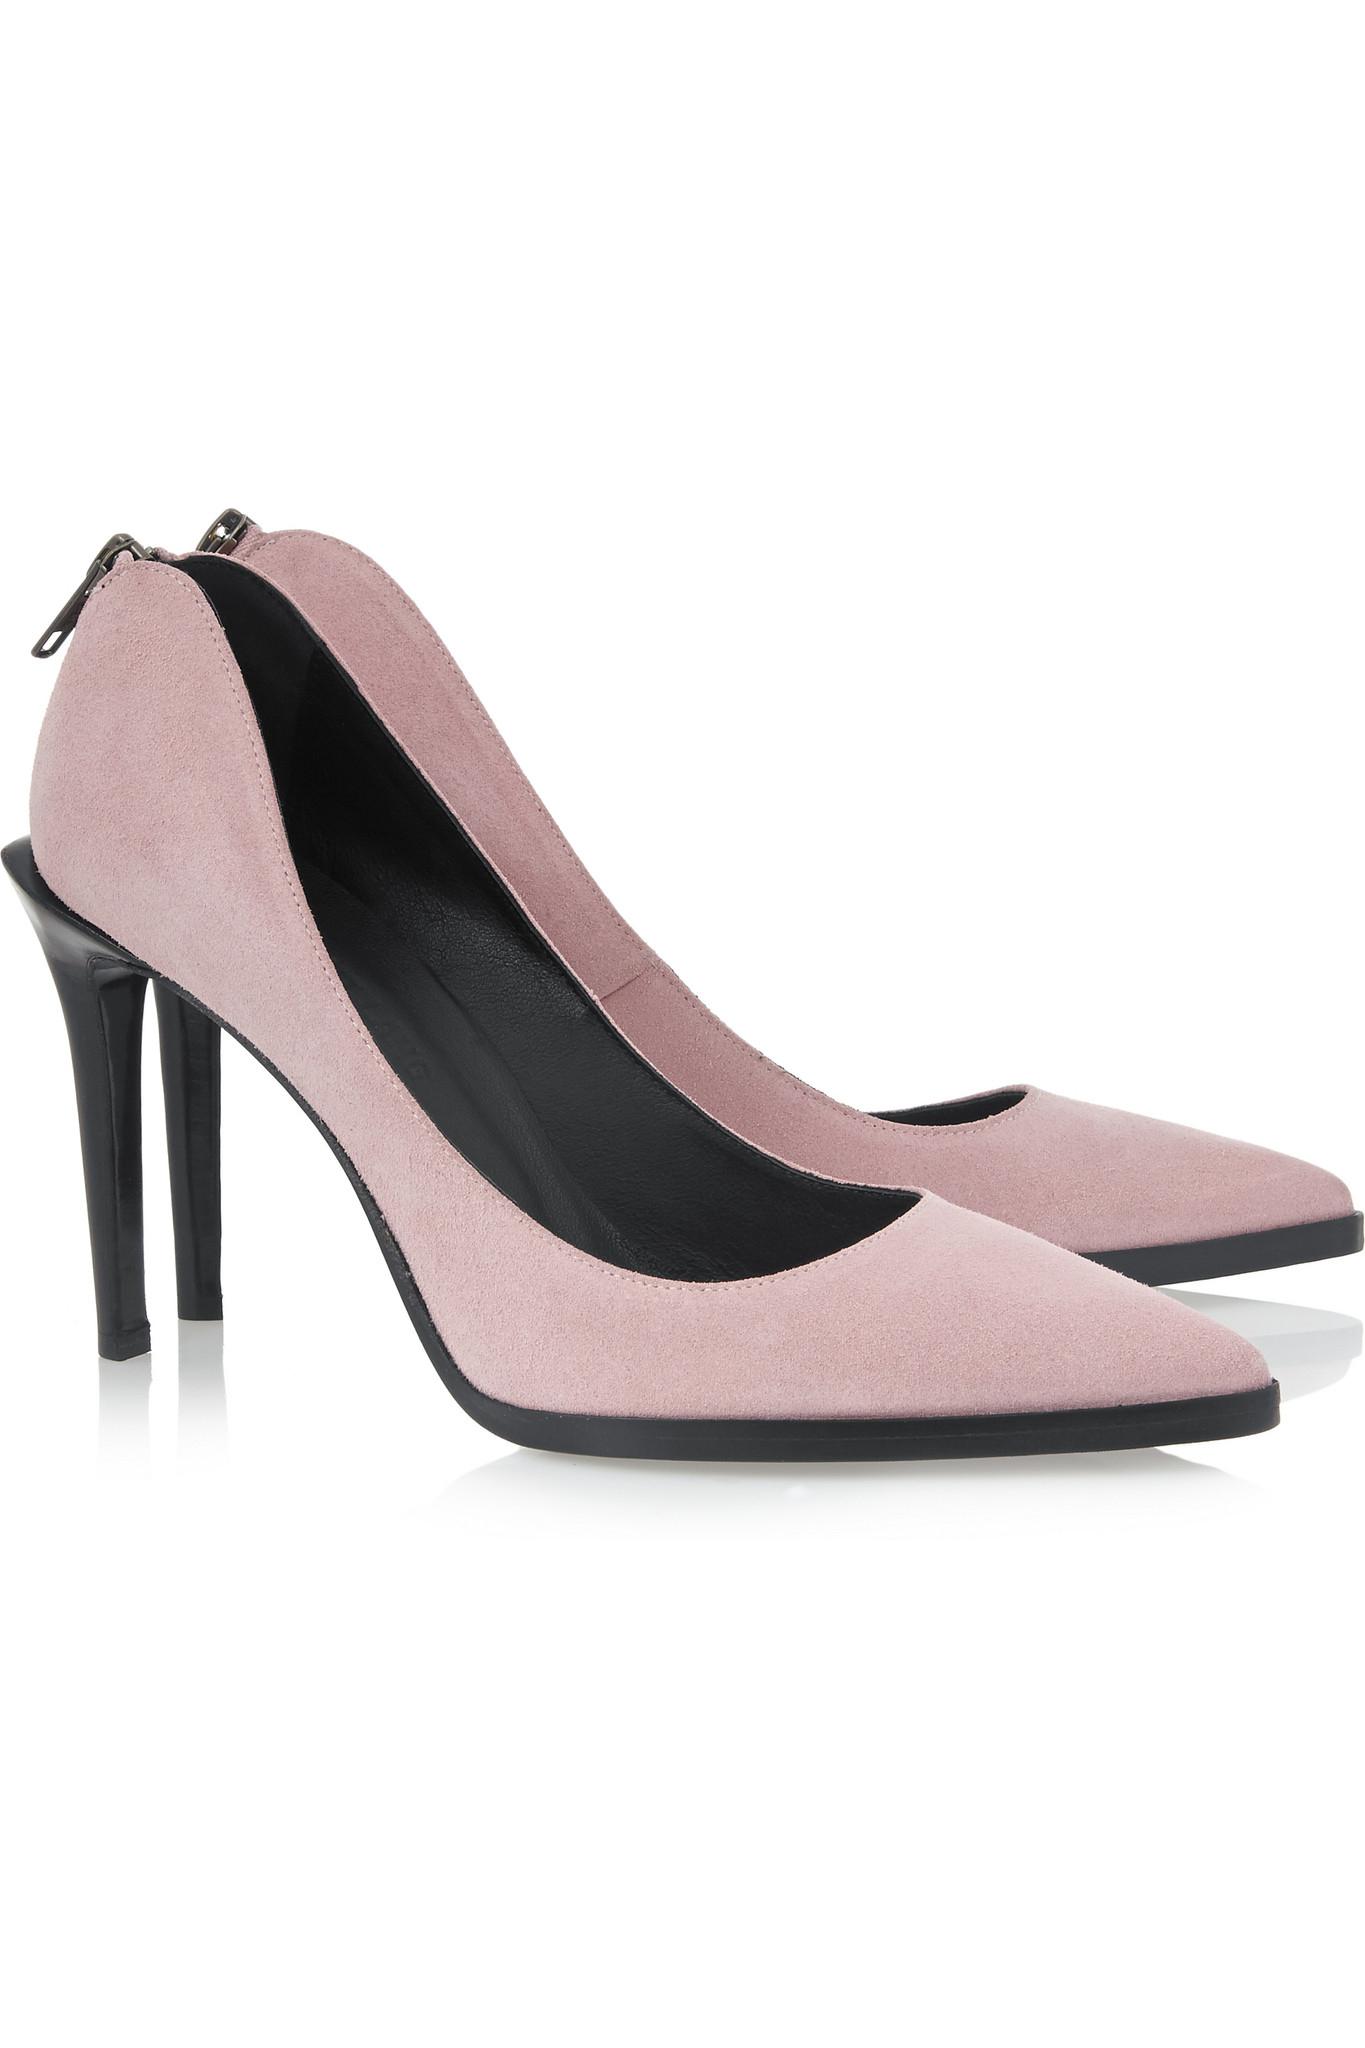 Baby Pink Suede Heels